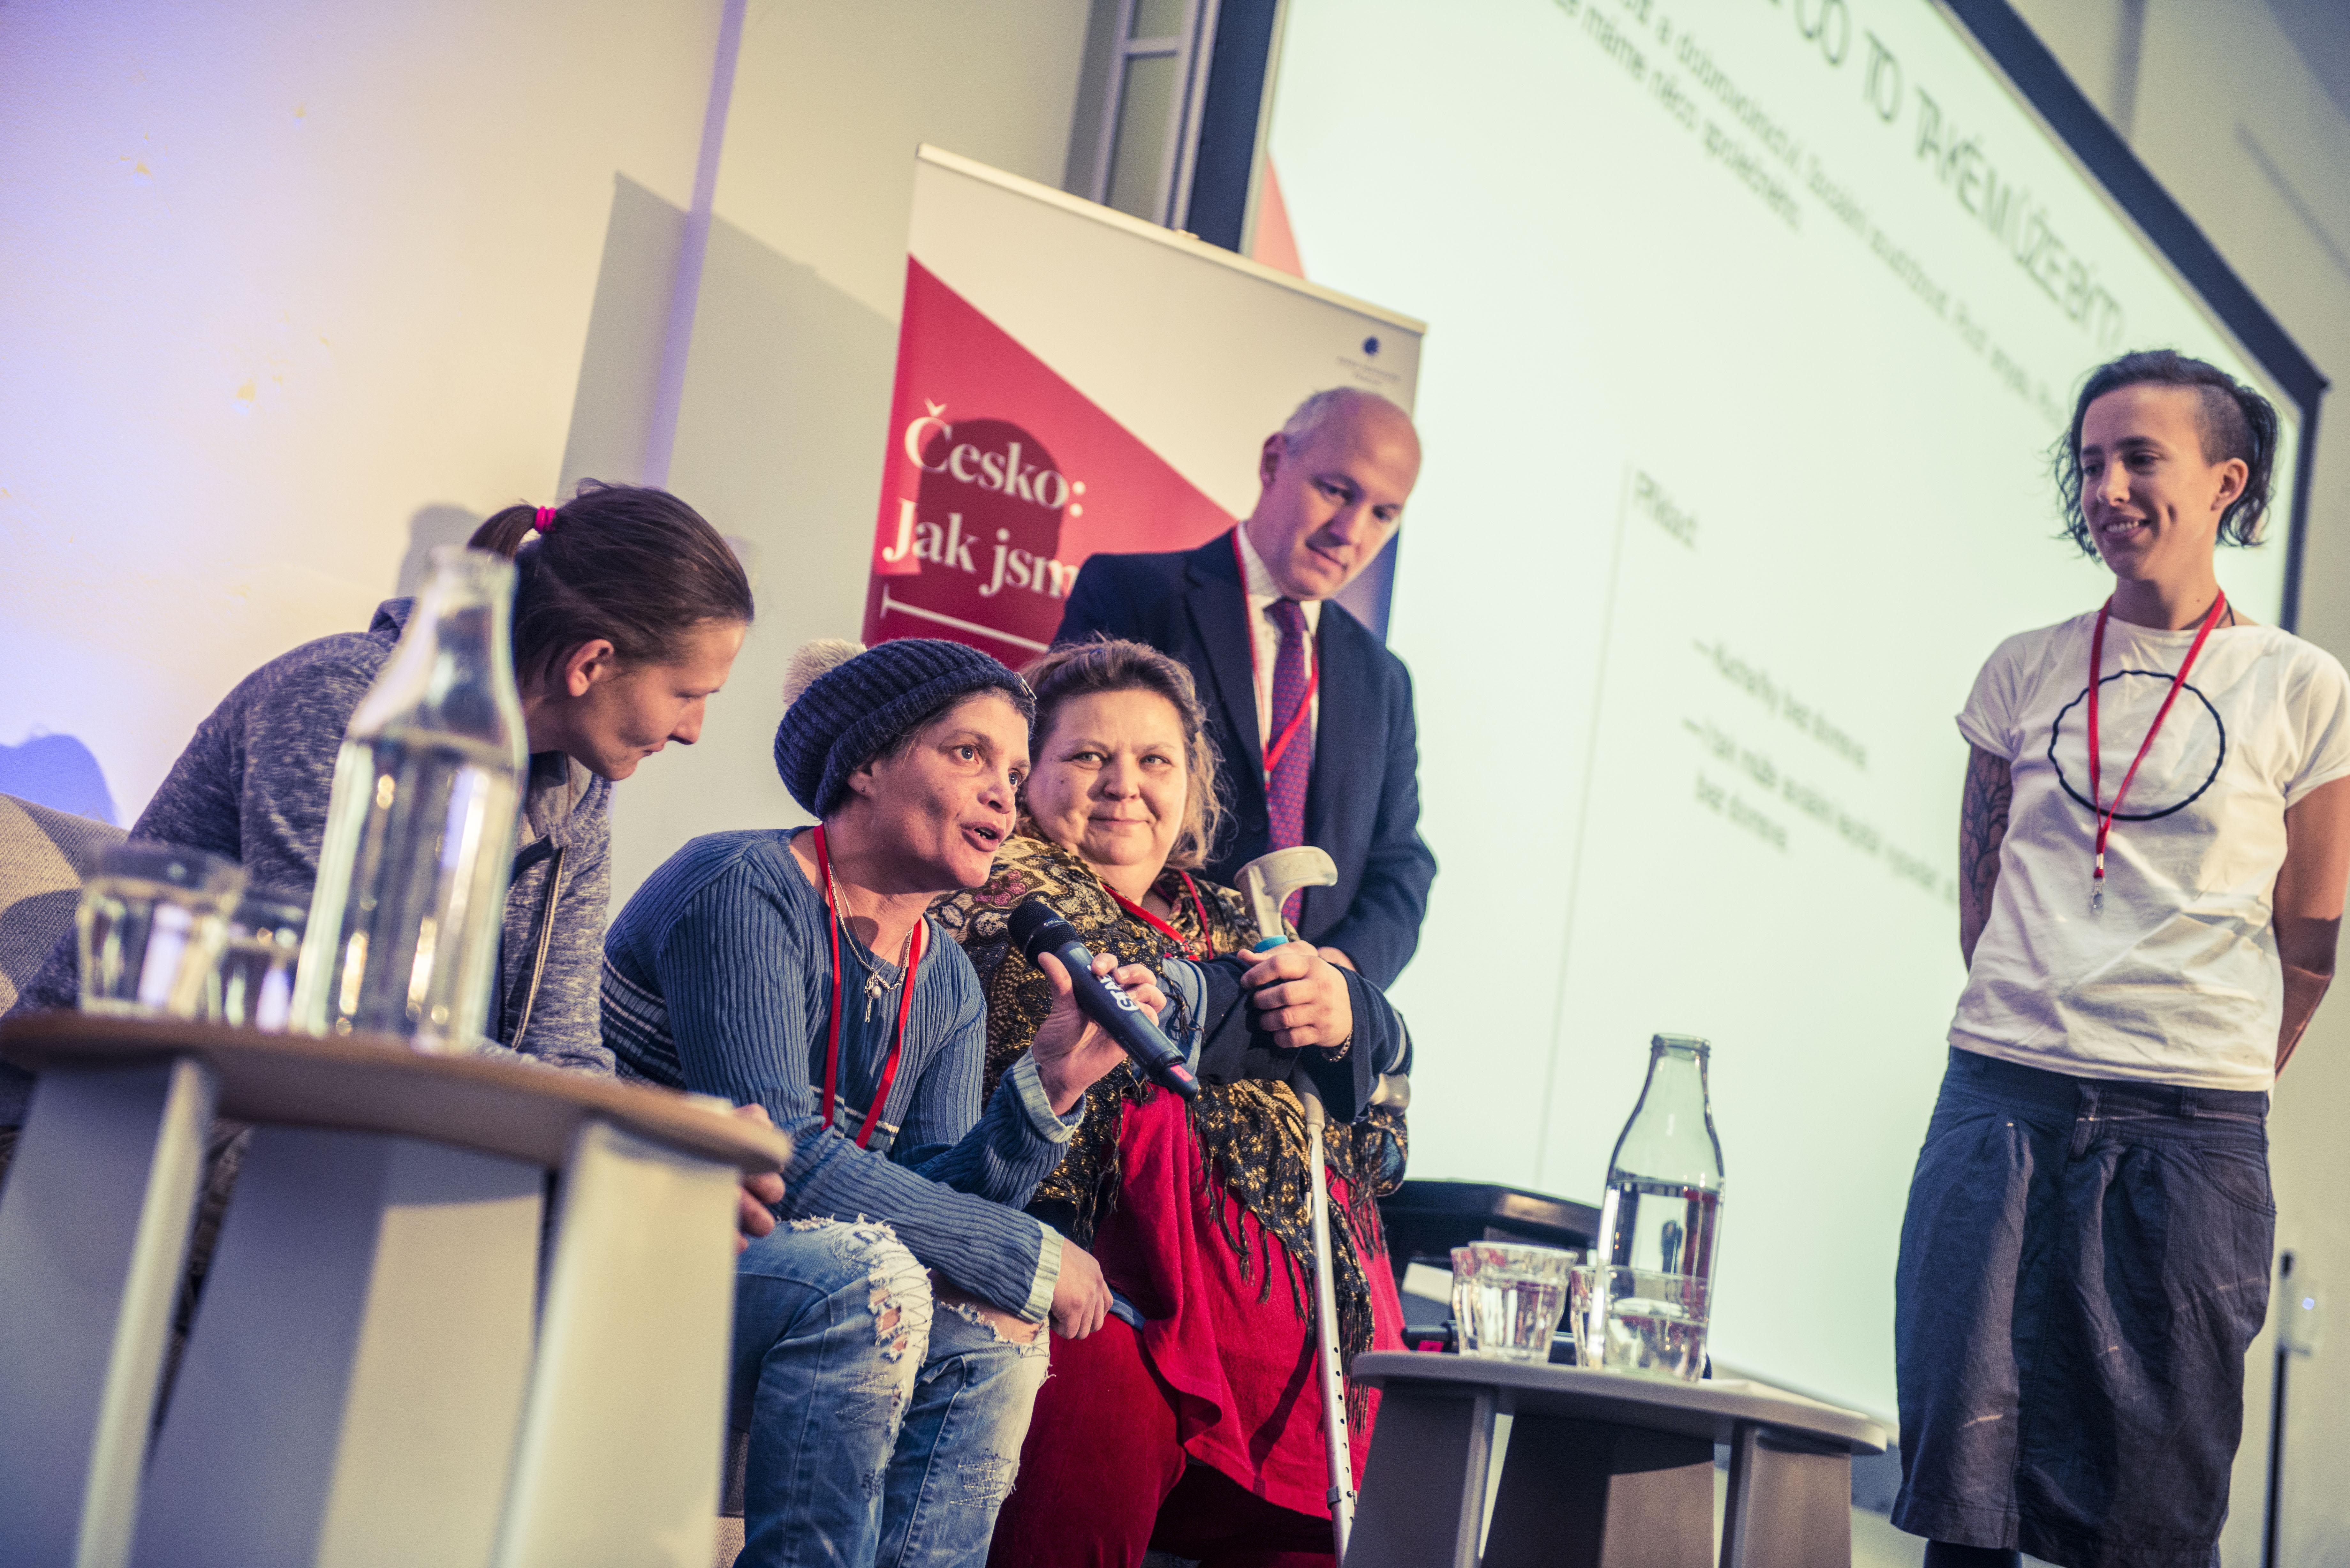 Klientky organizace Jako doma hovořily o tom, jak se v Česku žije lidem bez domova.